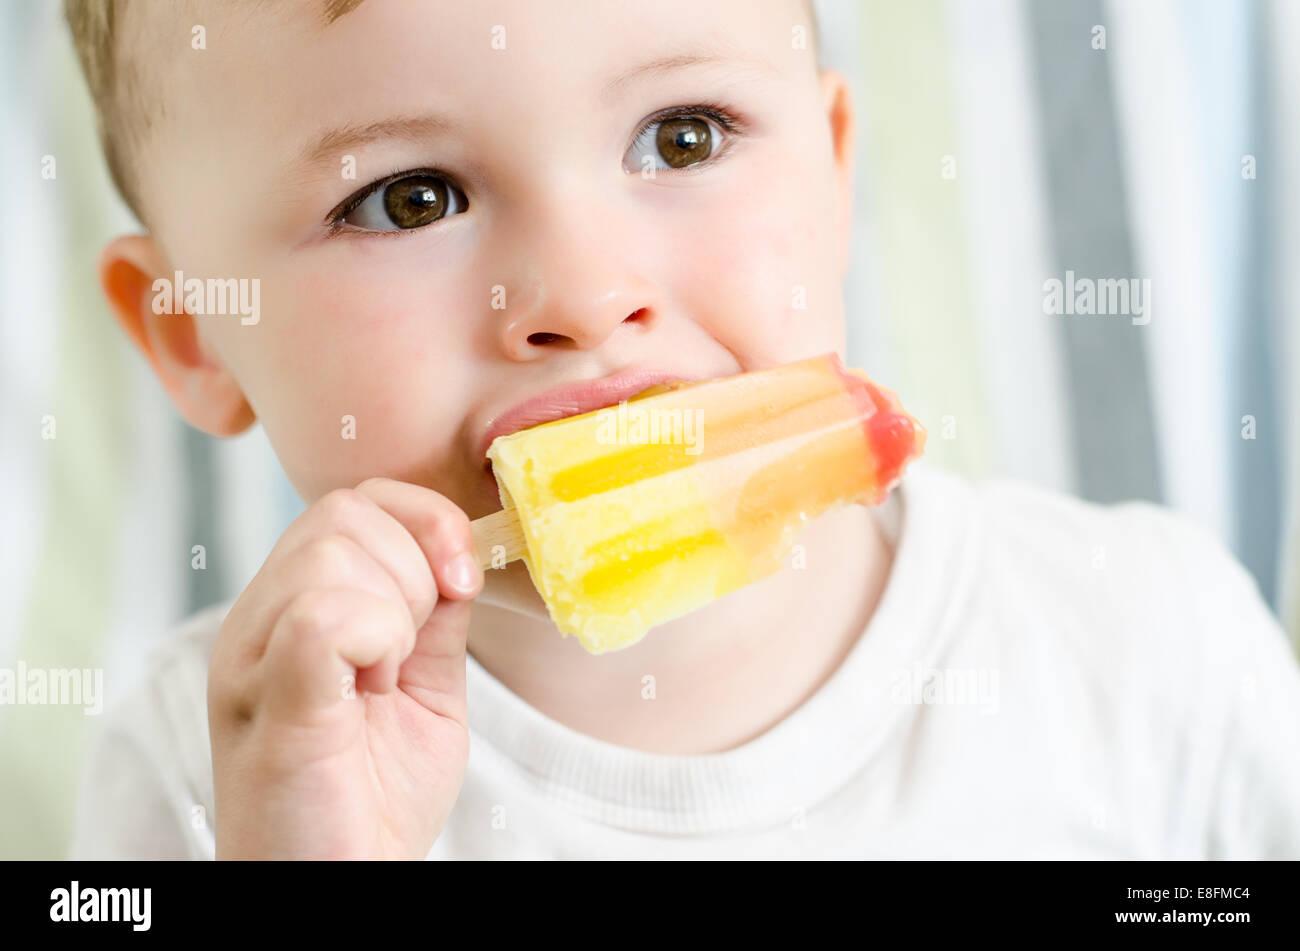 Baby boy mangiare per lecca-lecca di ghiaccio Immagini Stock